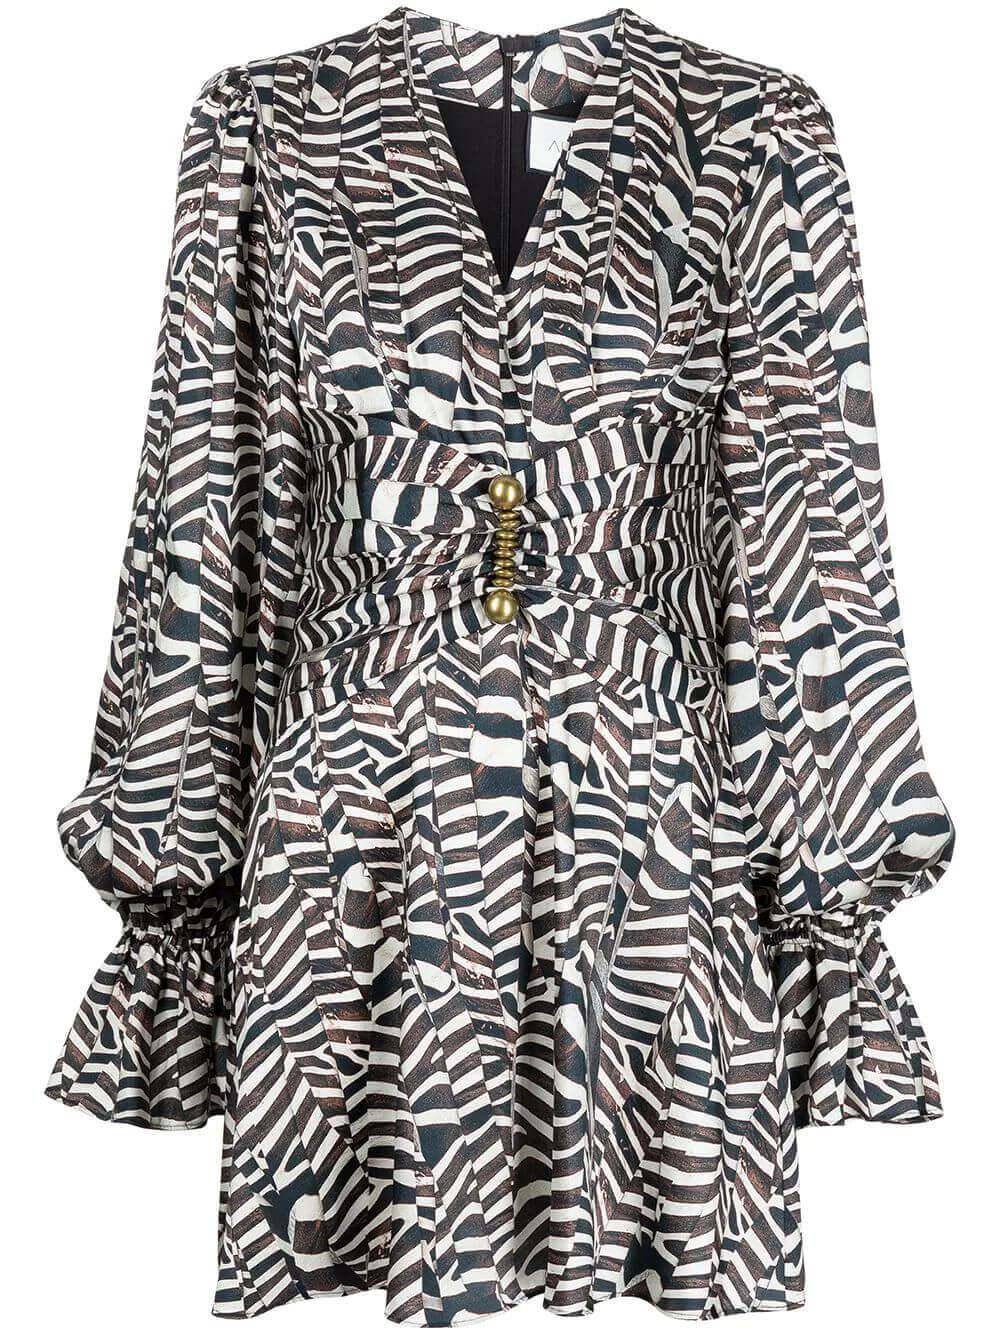 Imani Zebra Dress